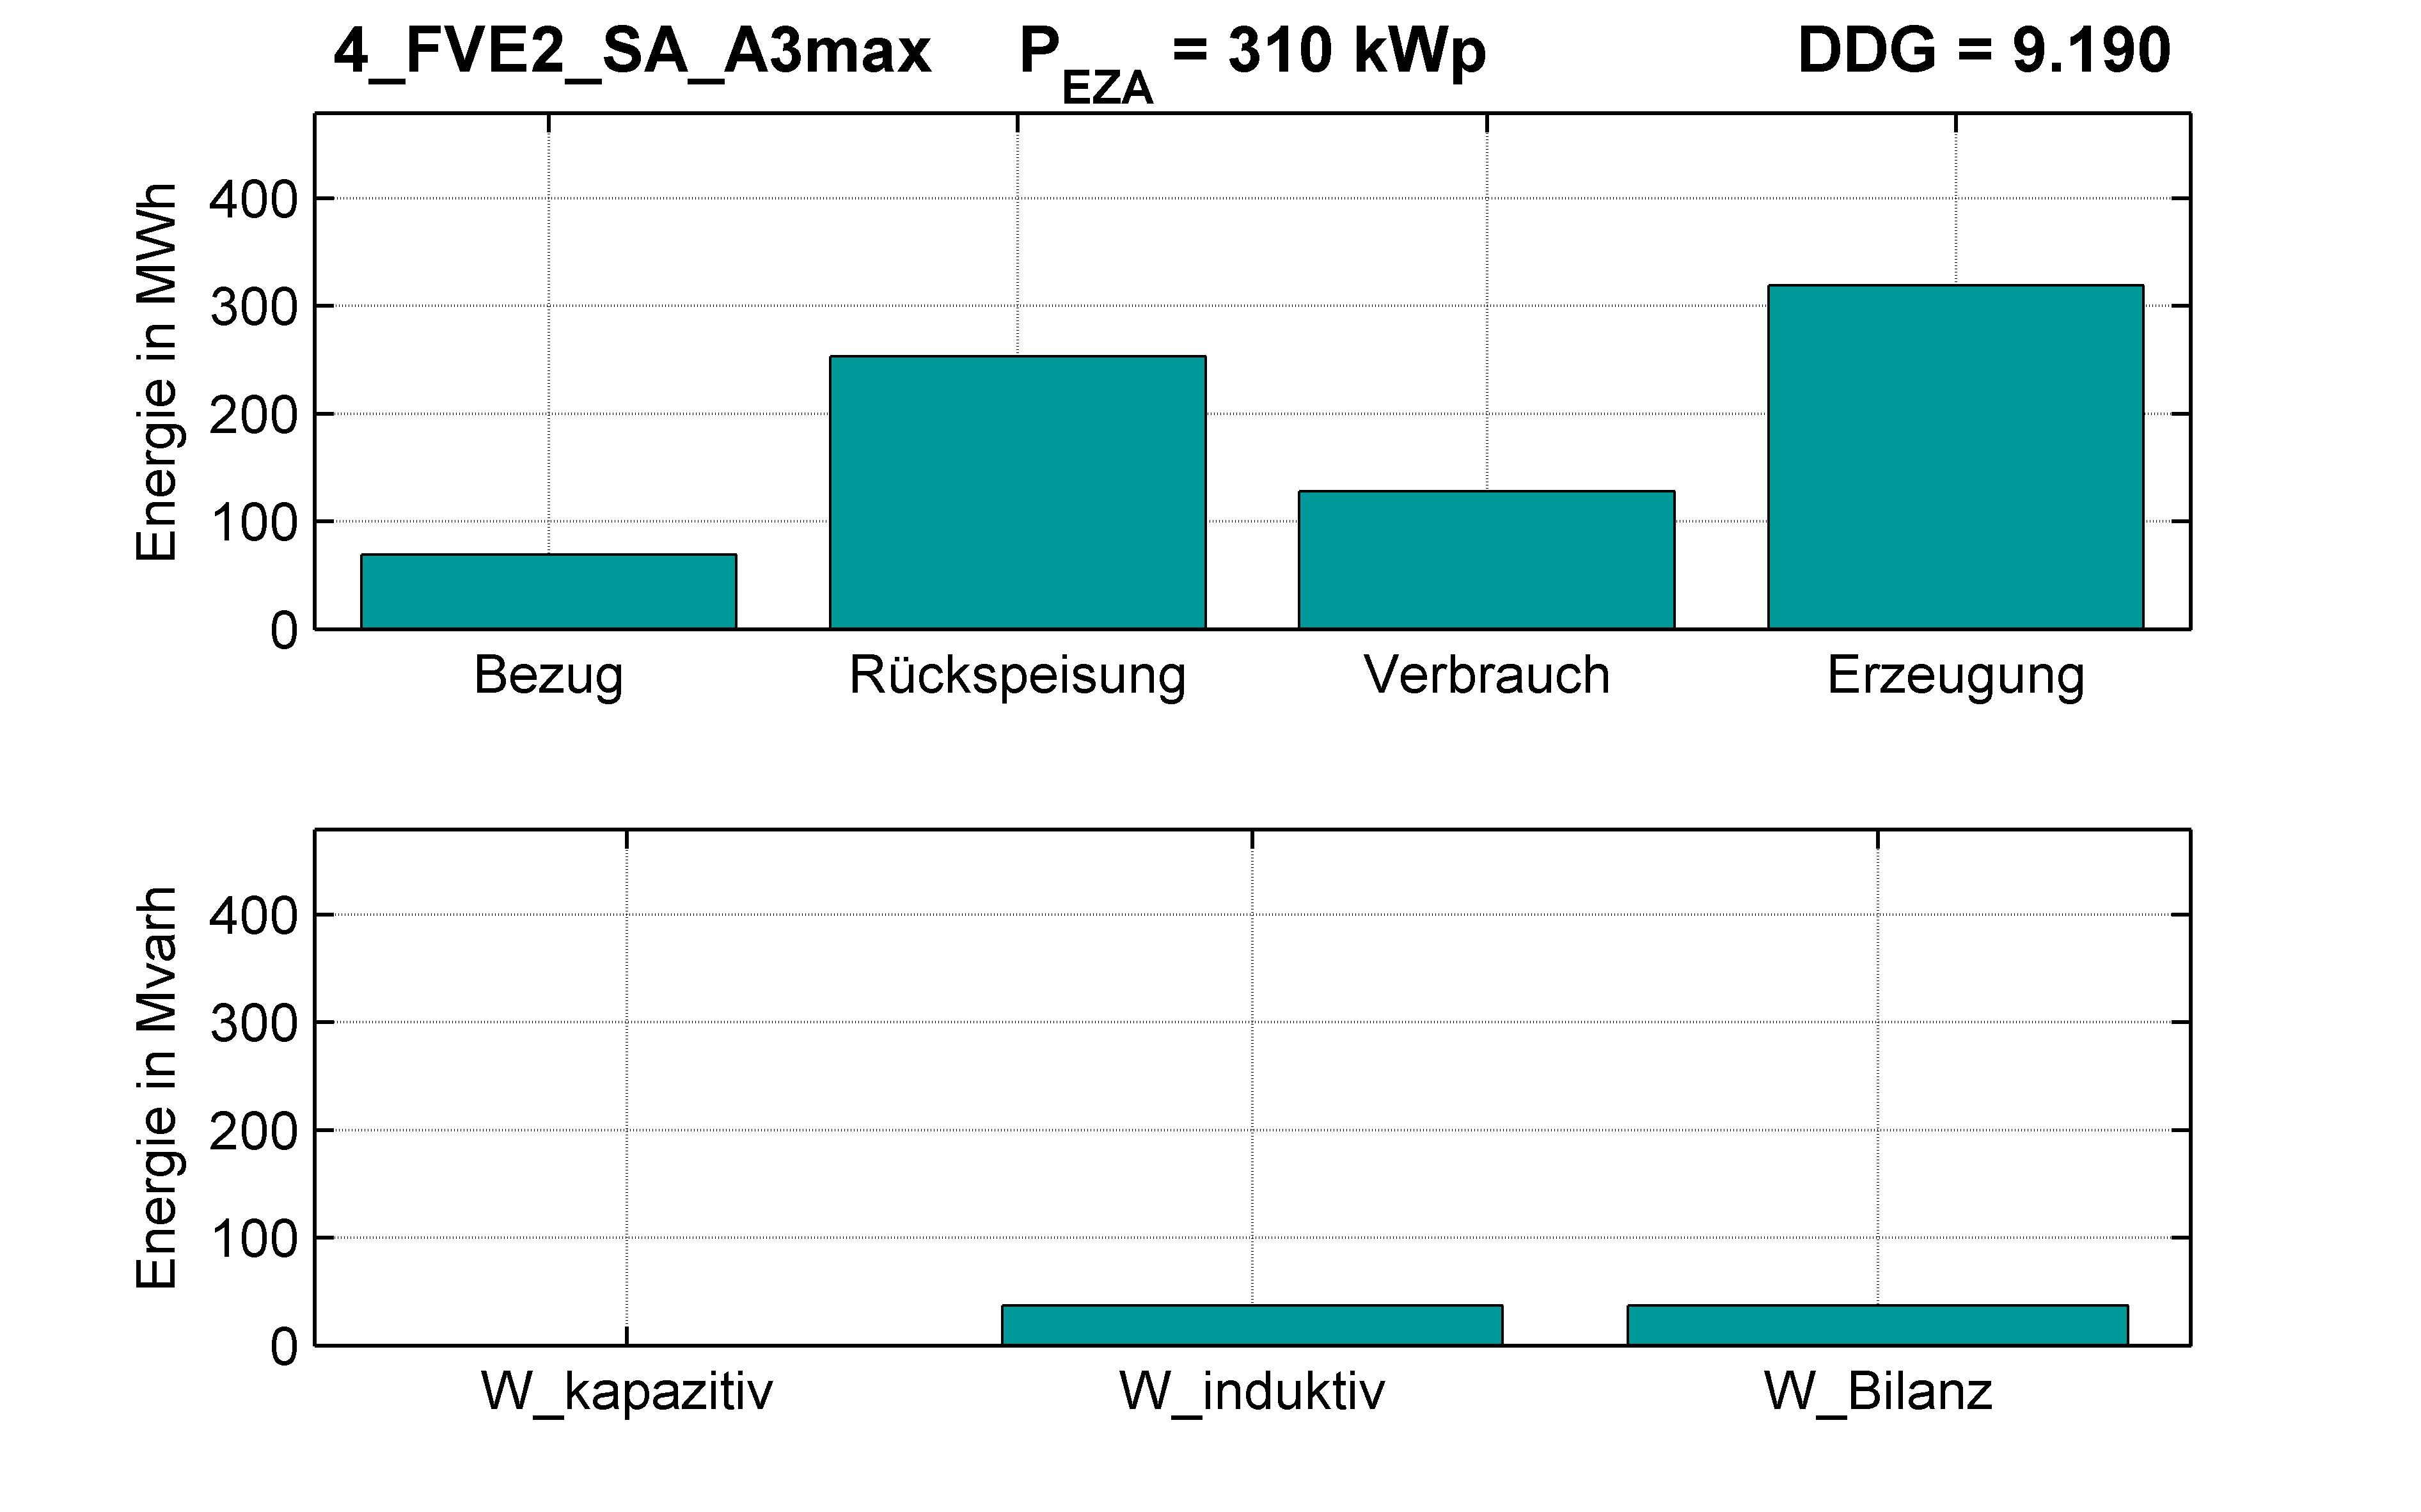 FVE2 | P-Kappung 55% (SA) A3max | PQ-Bilanz